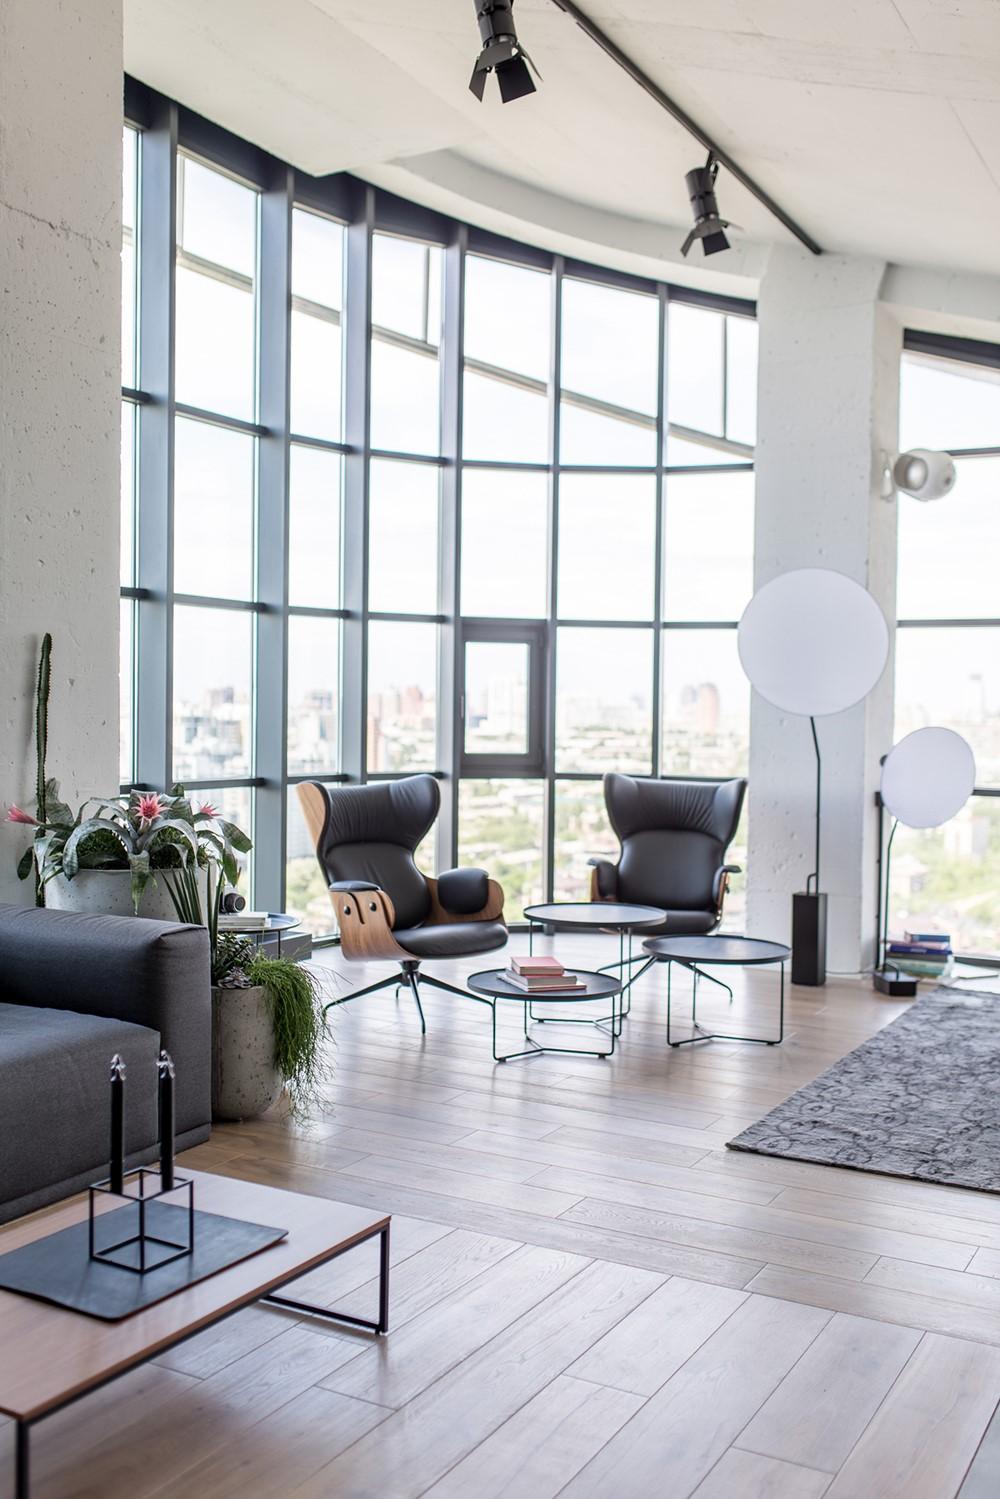 Современный дизайн интерьера гостиной апартаментов в промышленном стиле